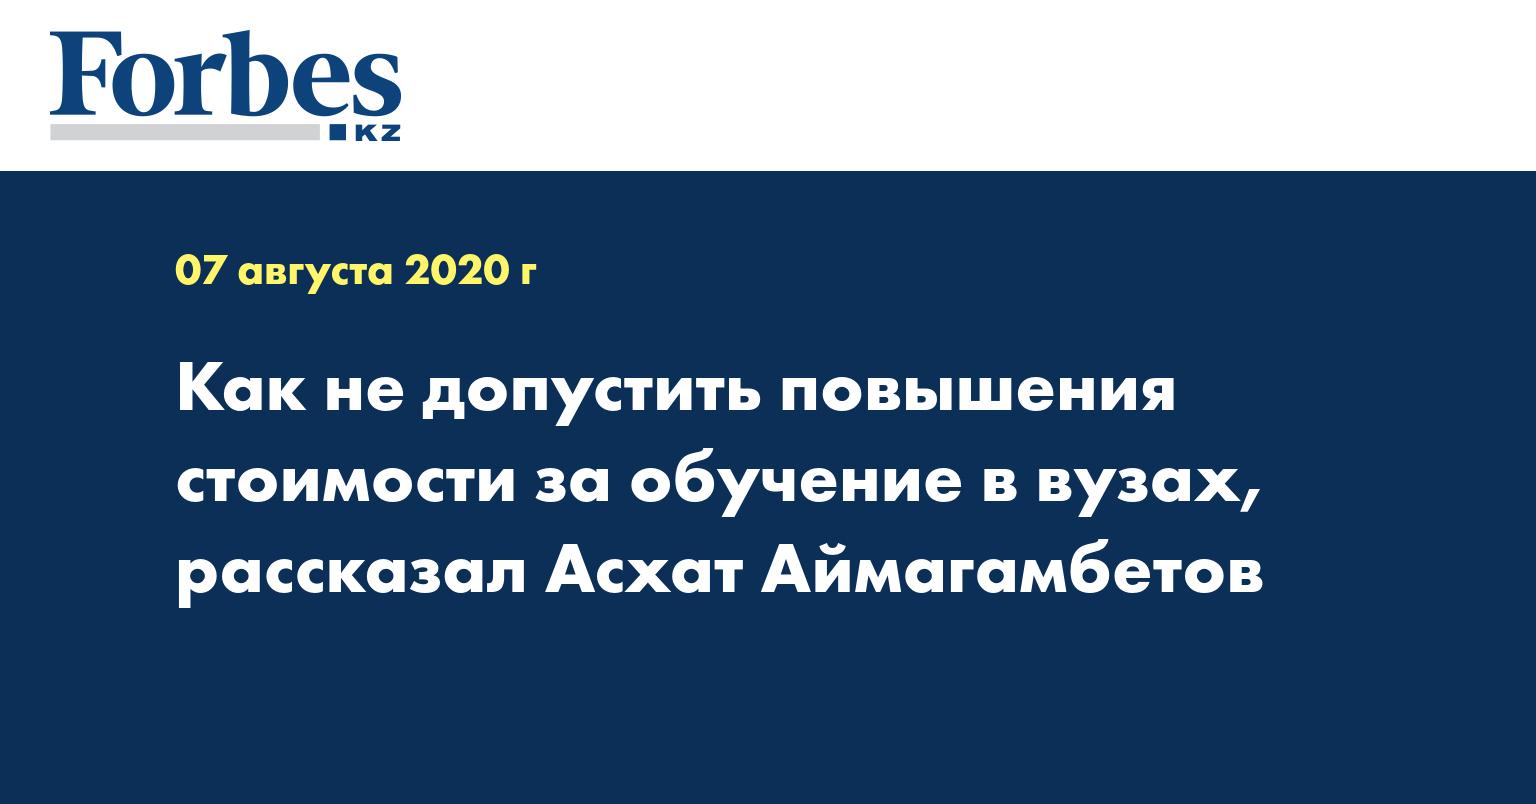 Как не допустить повышения стоимости за обучение в вузах, рассказал Асхат Аймагамбетов